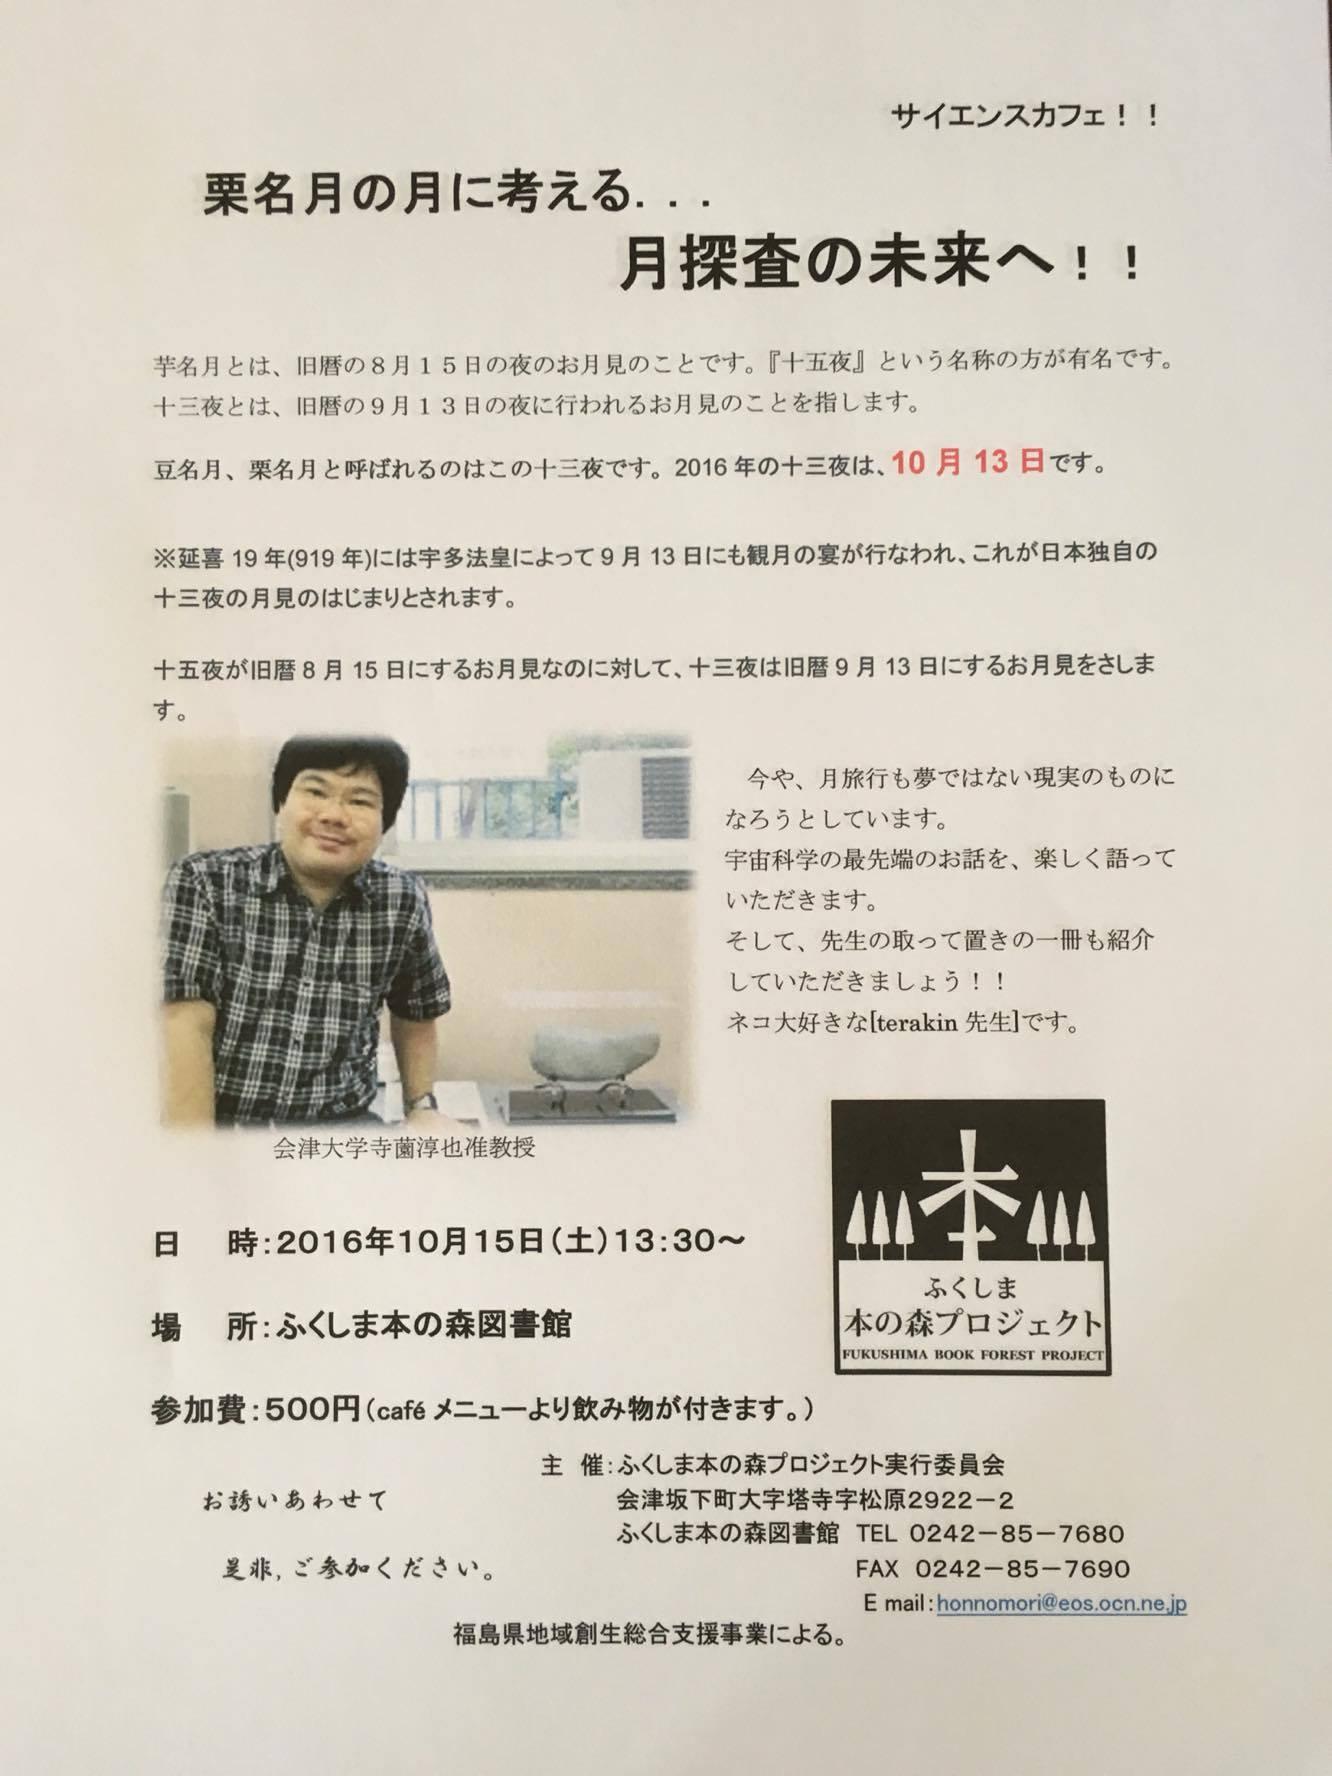 会津坂下サイエンスカフェ (2016/10/15)